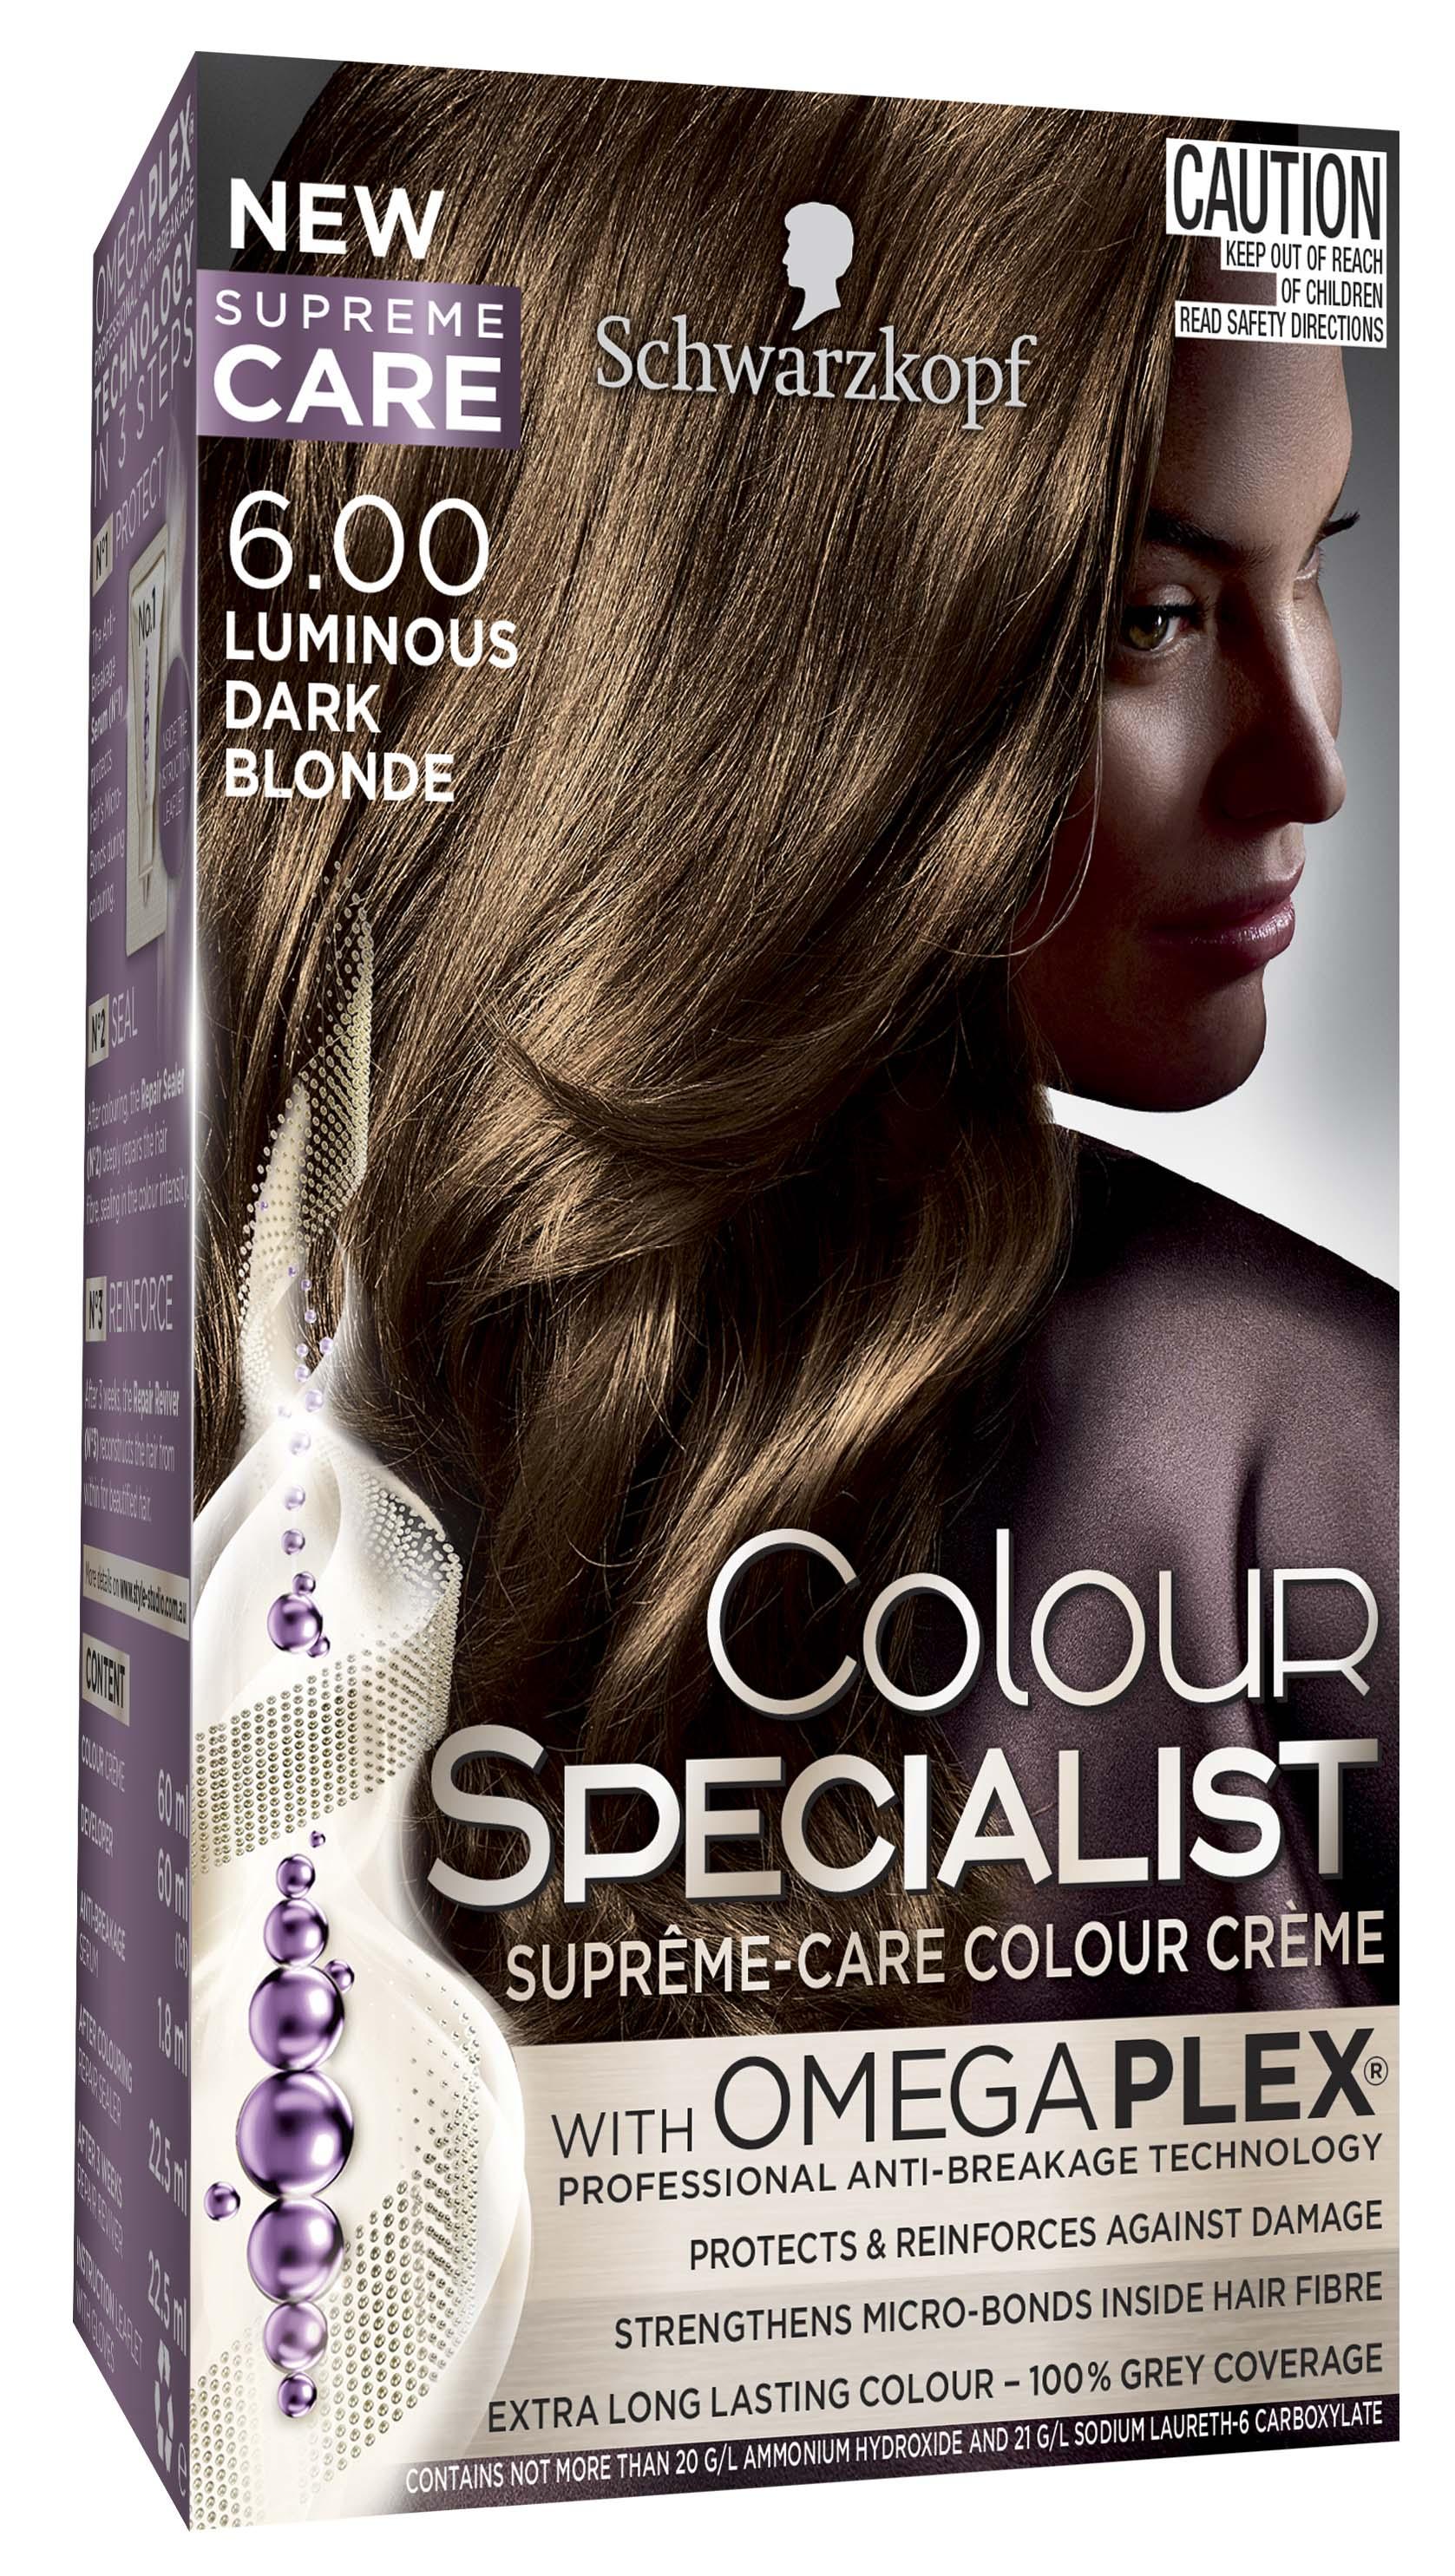 Colour Specialist 600 Luminous Dark Blonde 3D LF-0040886